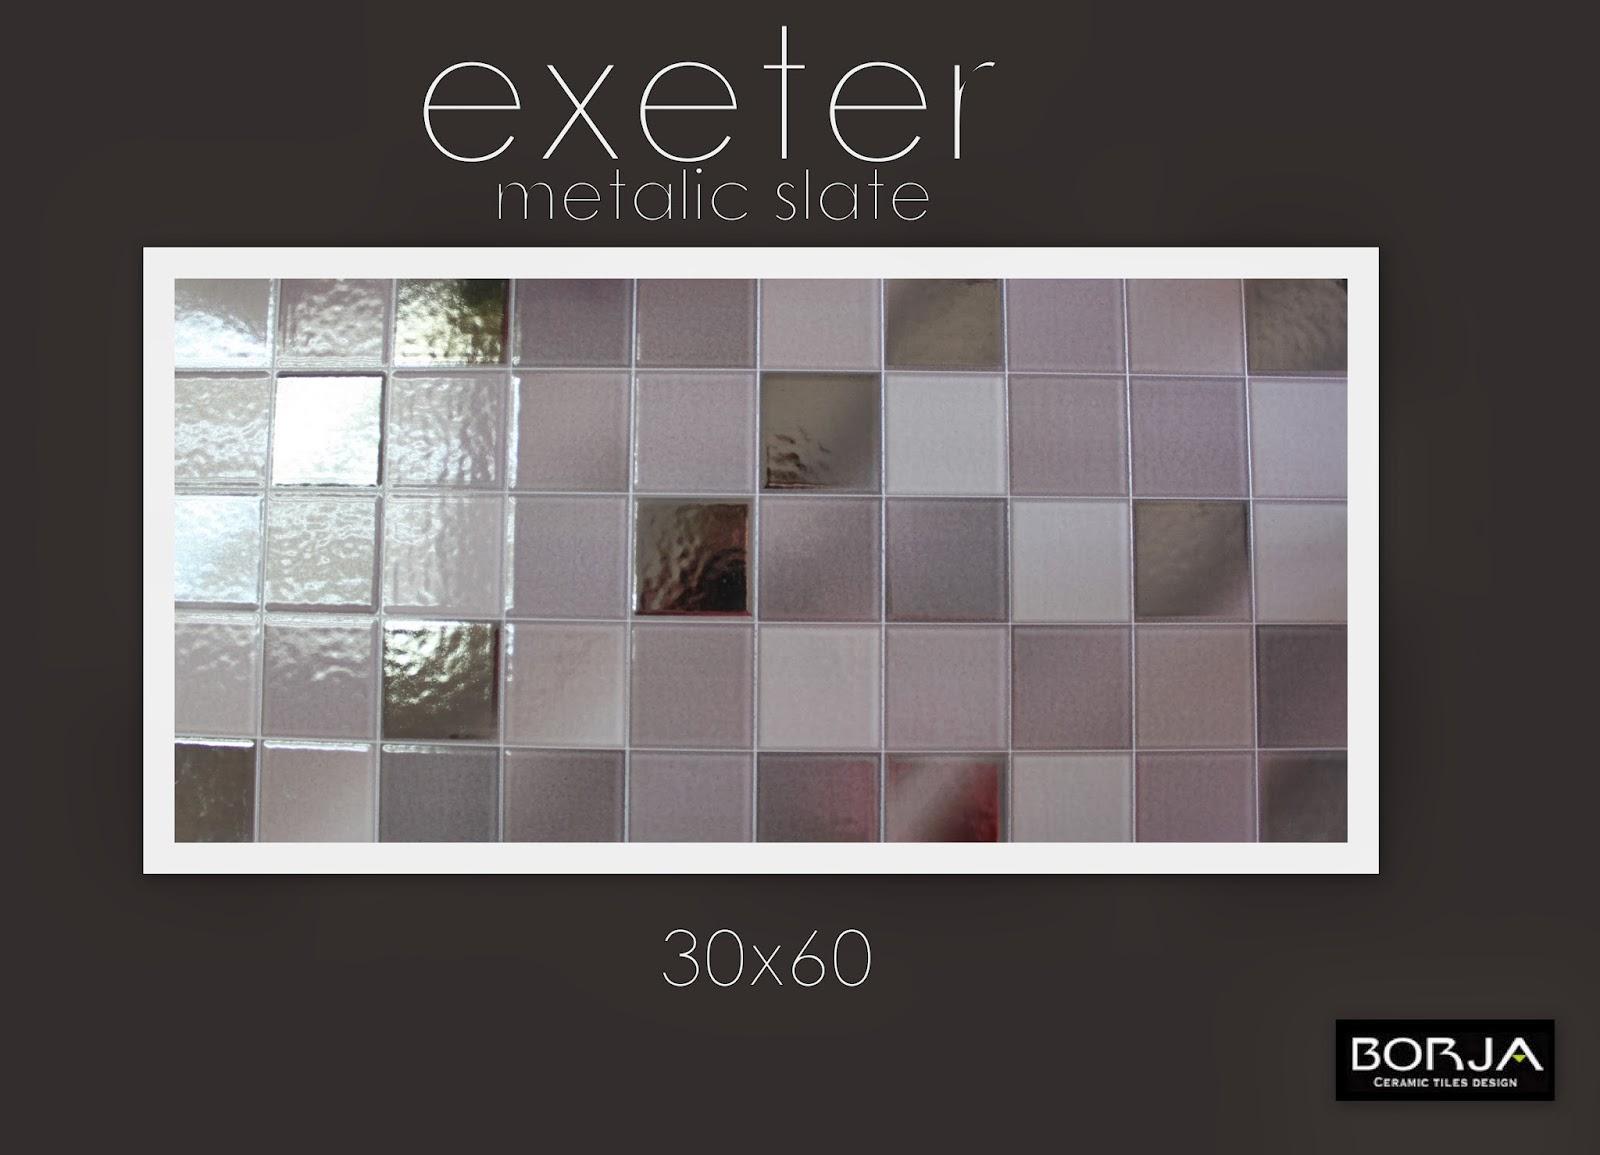 New walls bathroom kitchens 30x60 borja ceramic tiles design edmonton white edmonton metalic 30x60 dailygadgetfo Choice Image